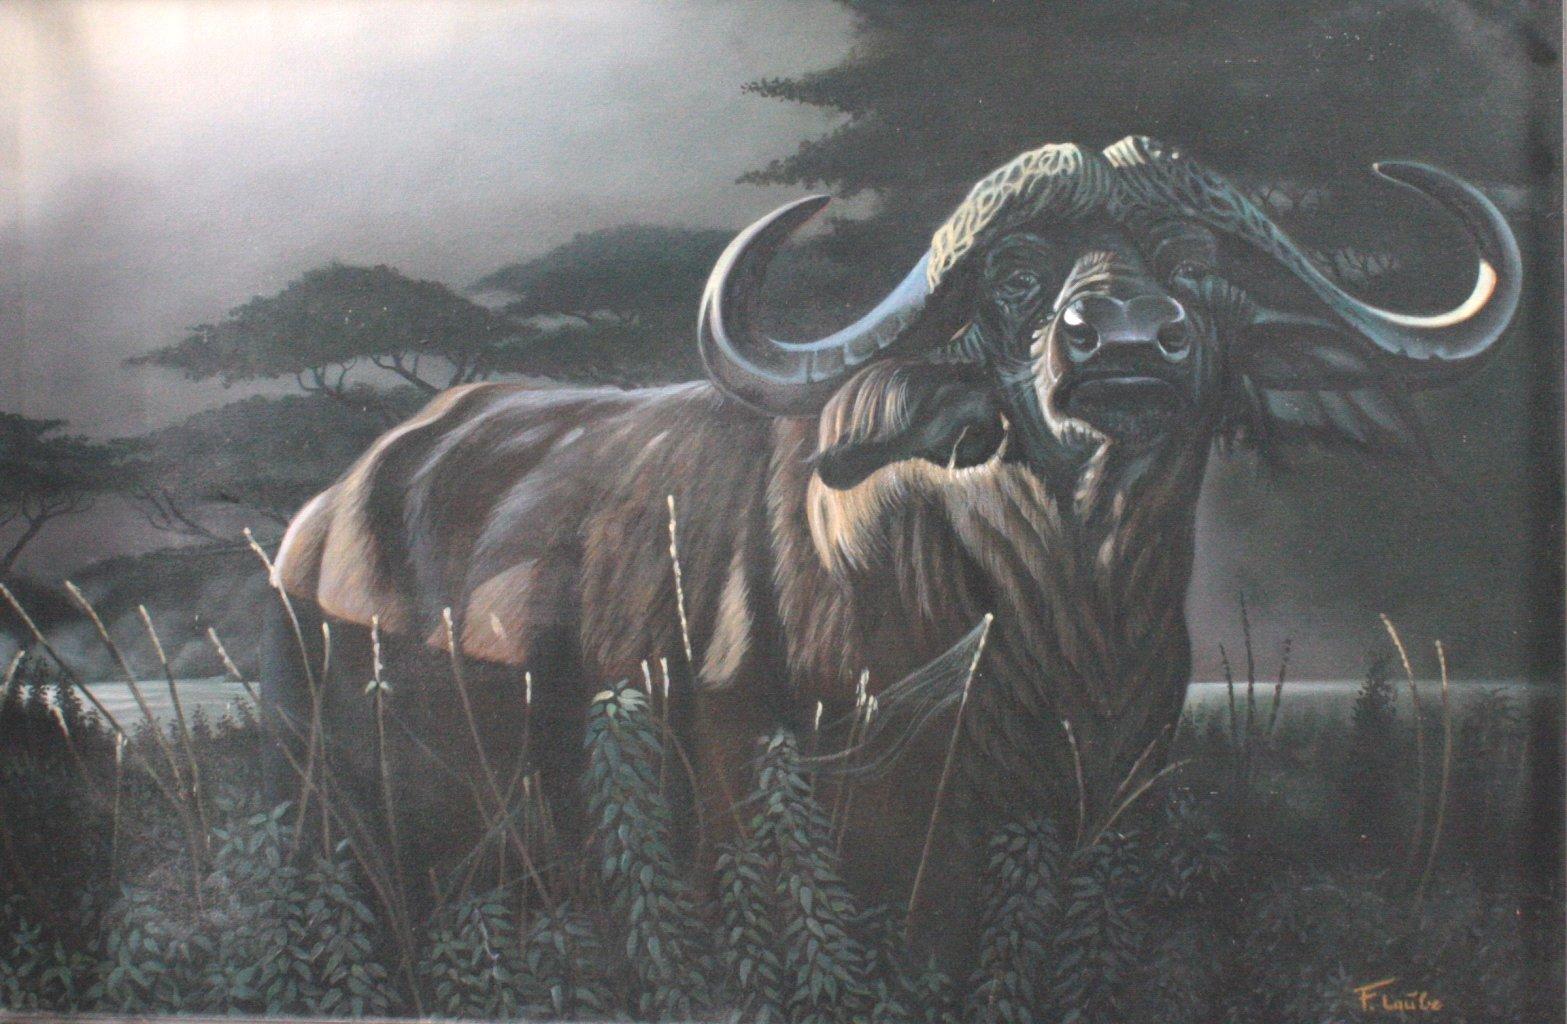 F. Laube (1914-1993), Afrikanischer Wasserbüffel-3